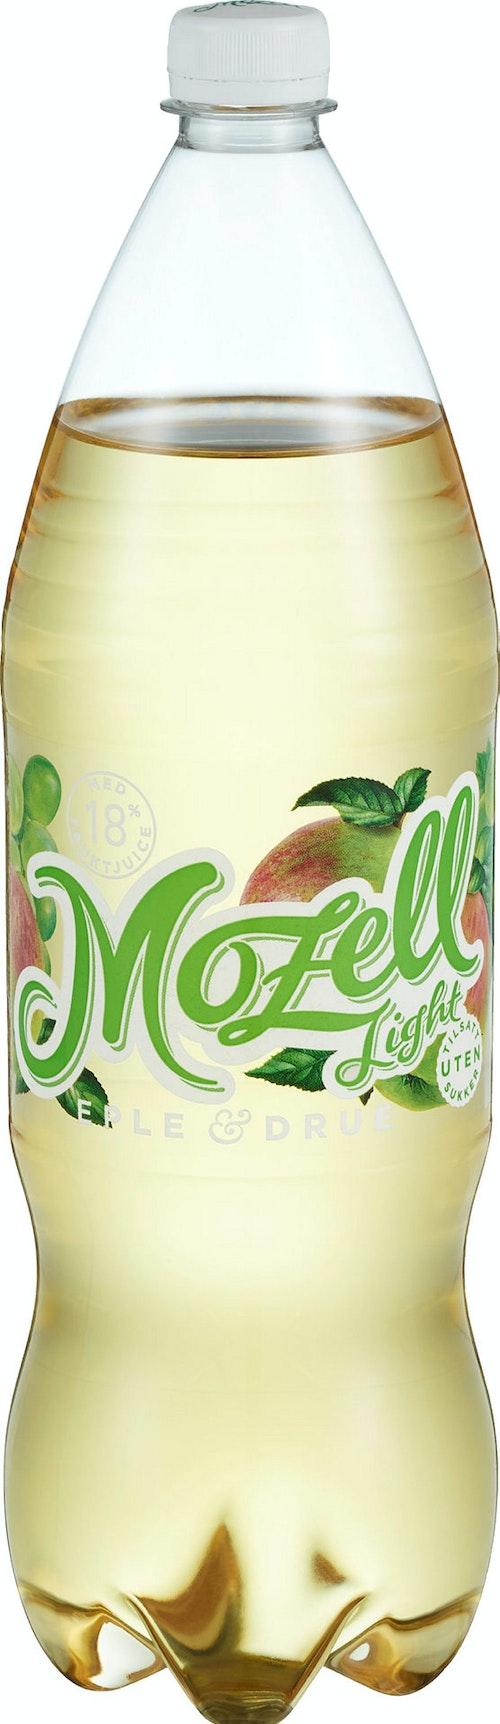 Ringnes Mozell Light Eple & Drue, 1,5 l